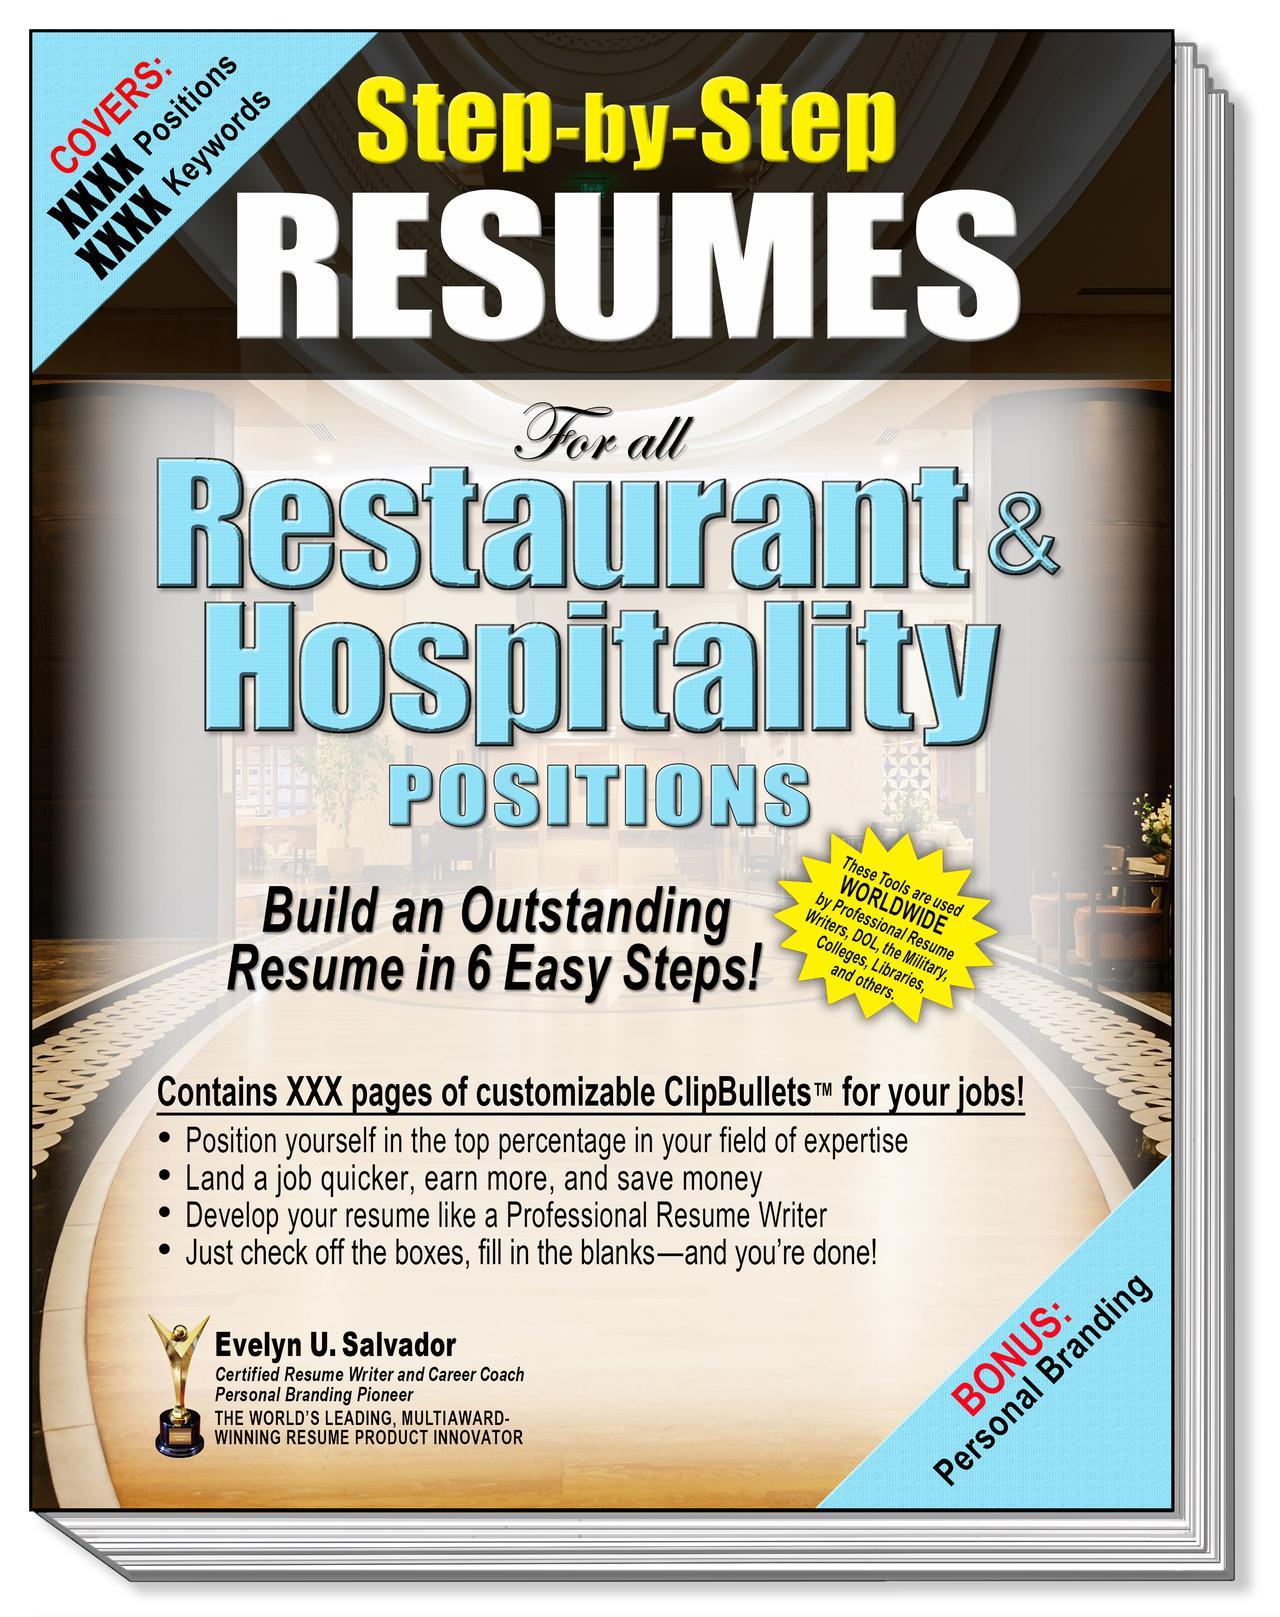 restaurant & hospitality.jpg